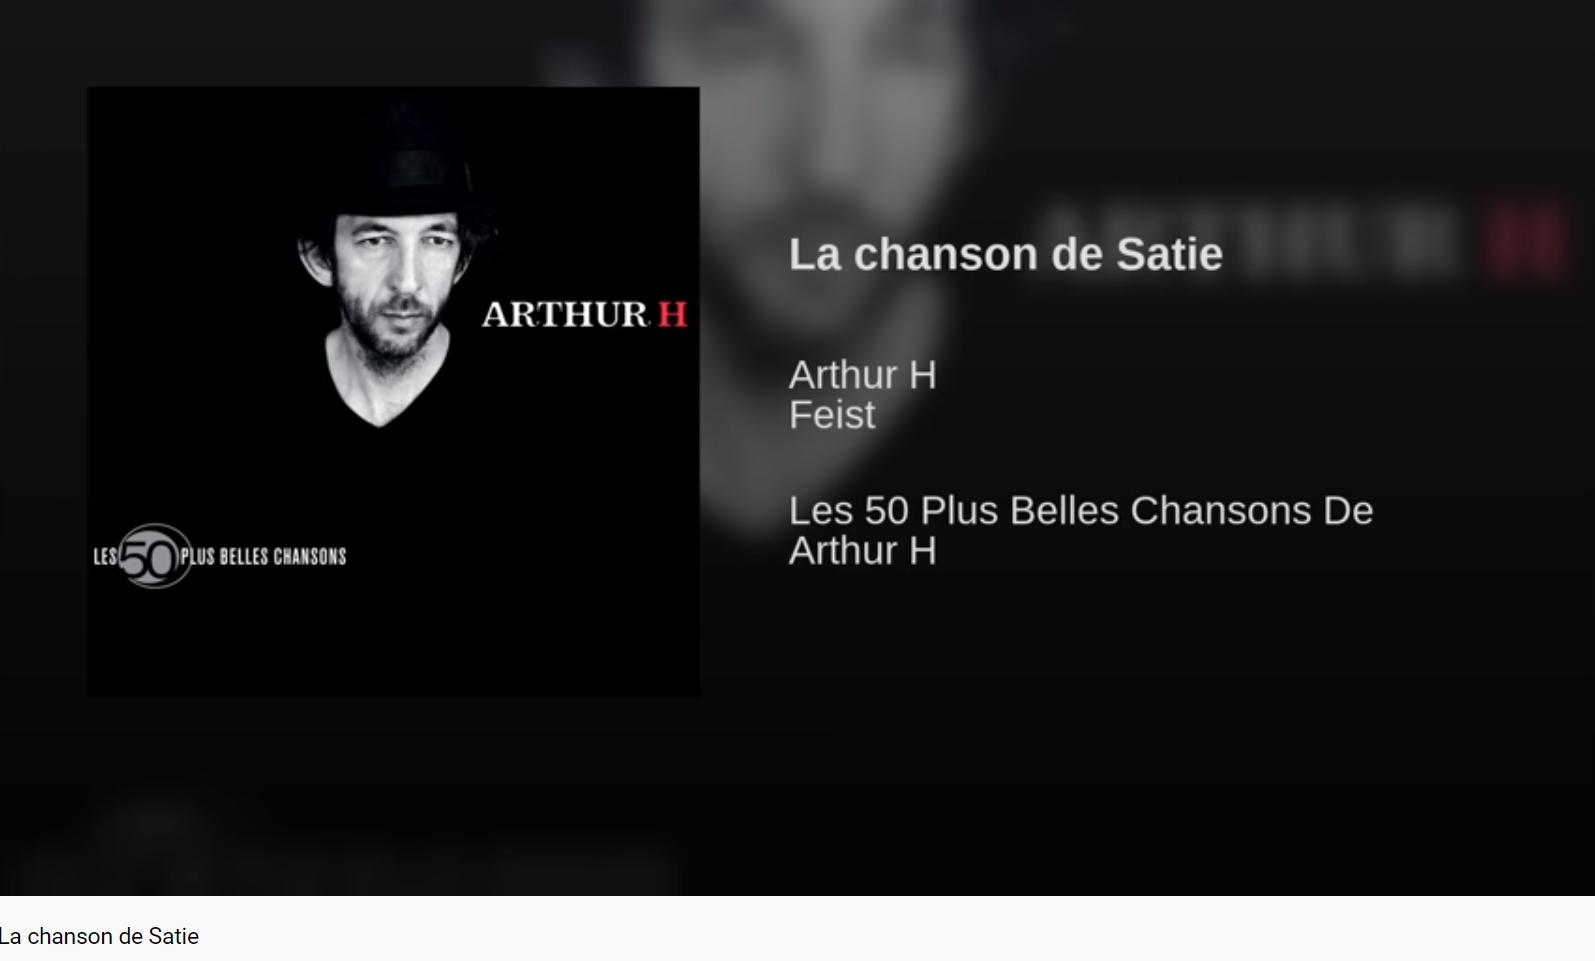 Arthur H La Chanson de Satie